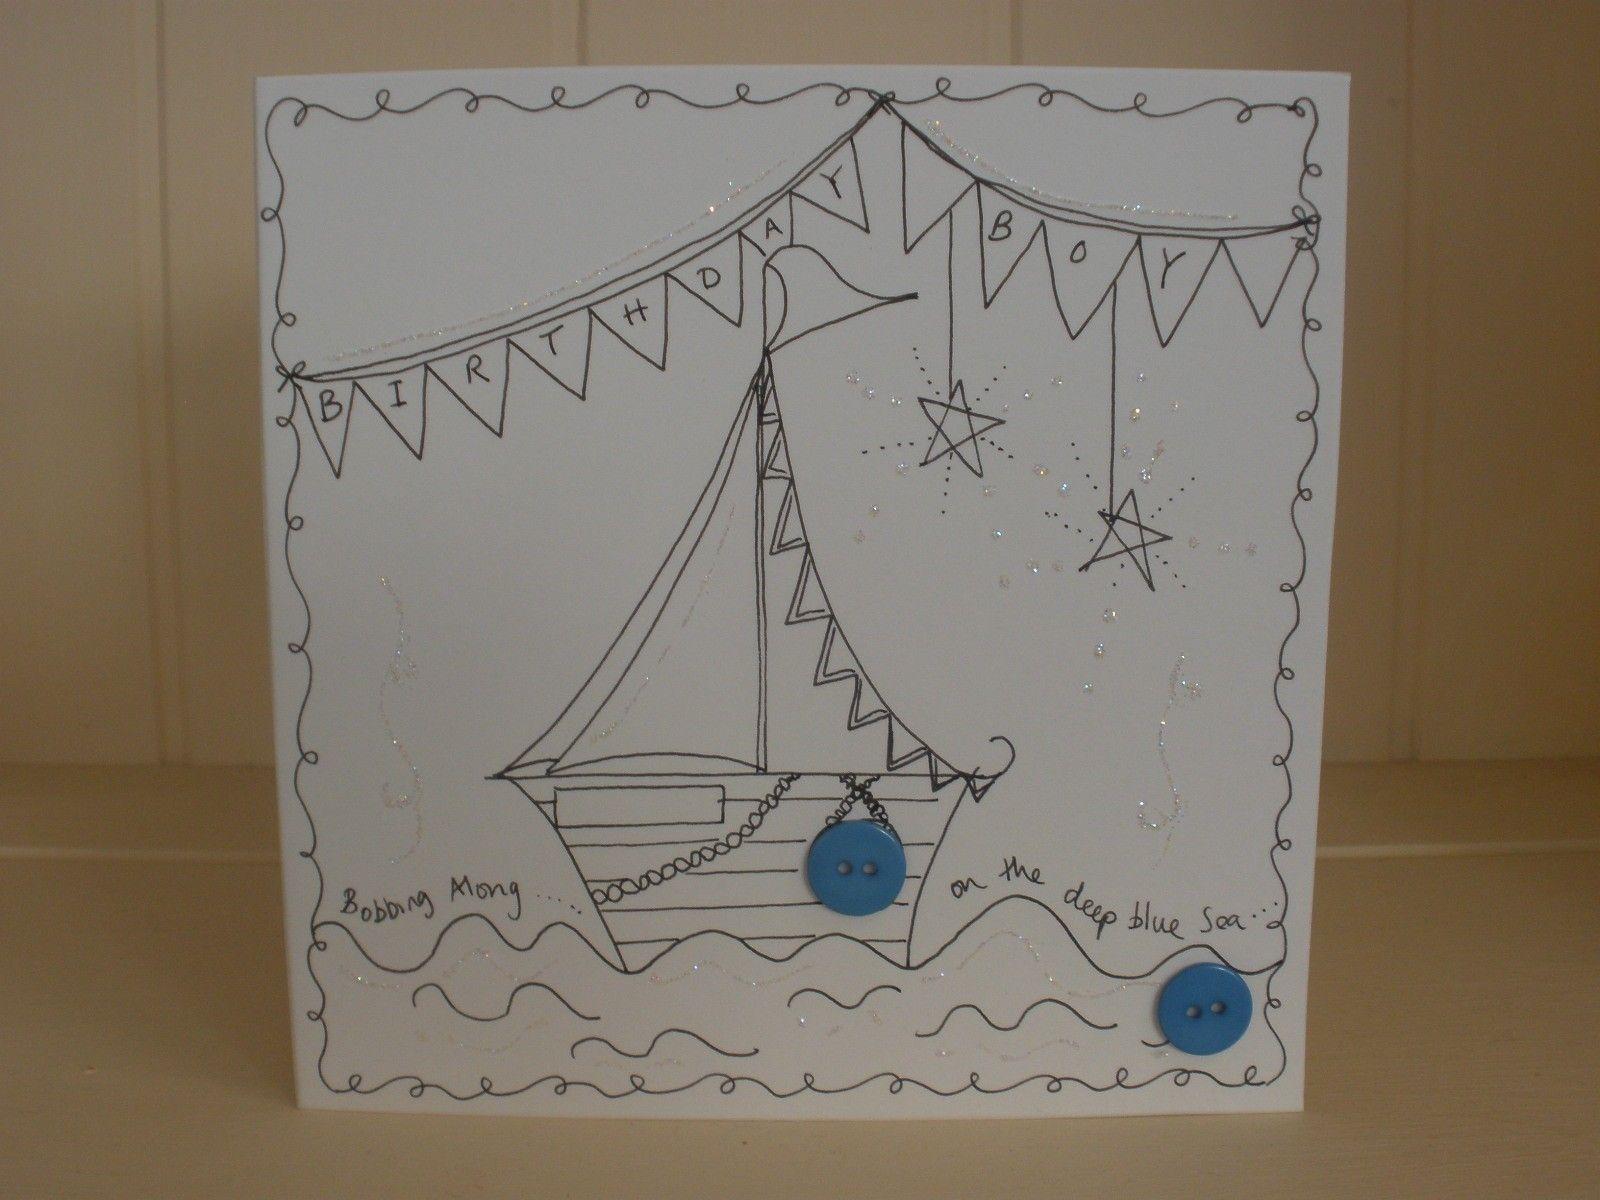 hand drawn birthday boy boat